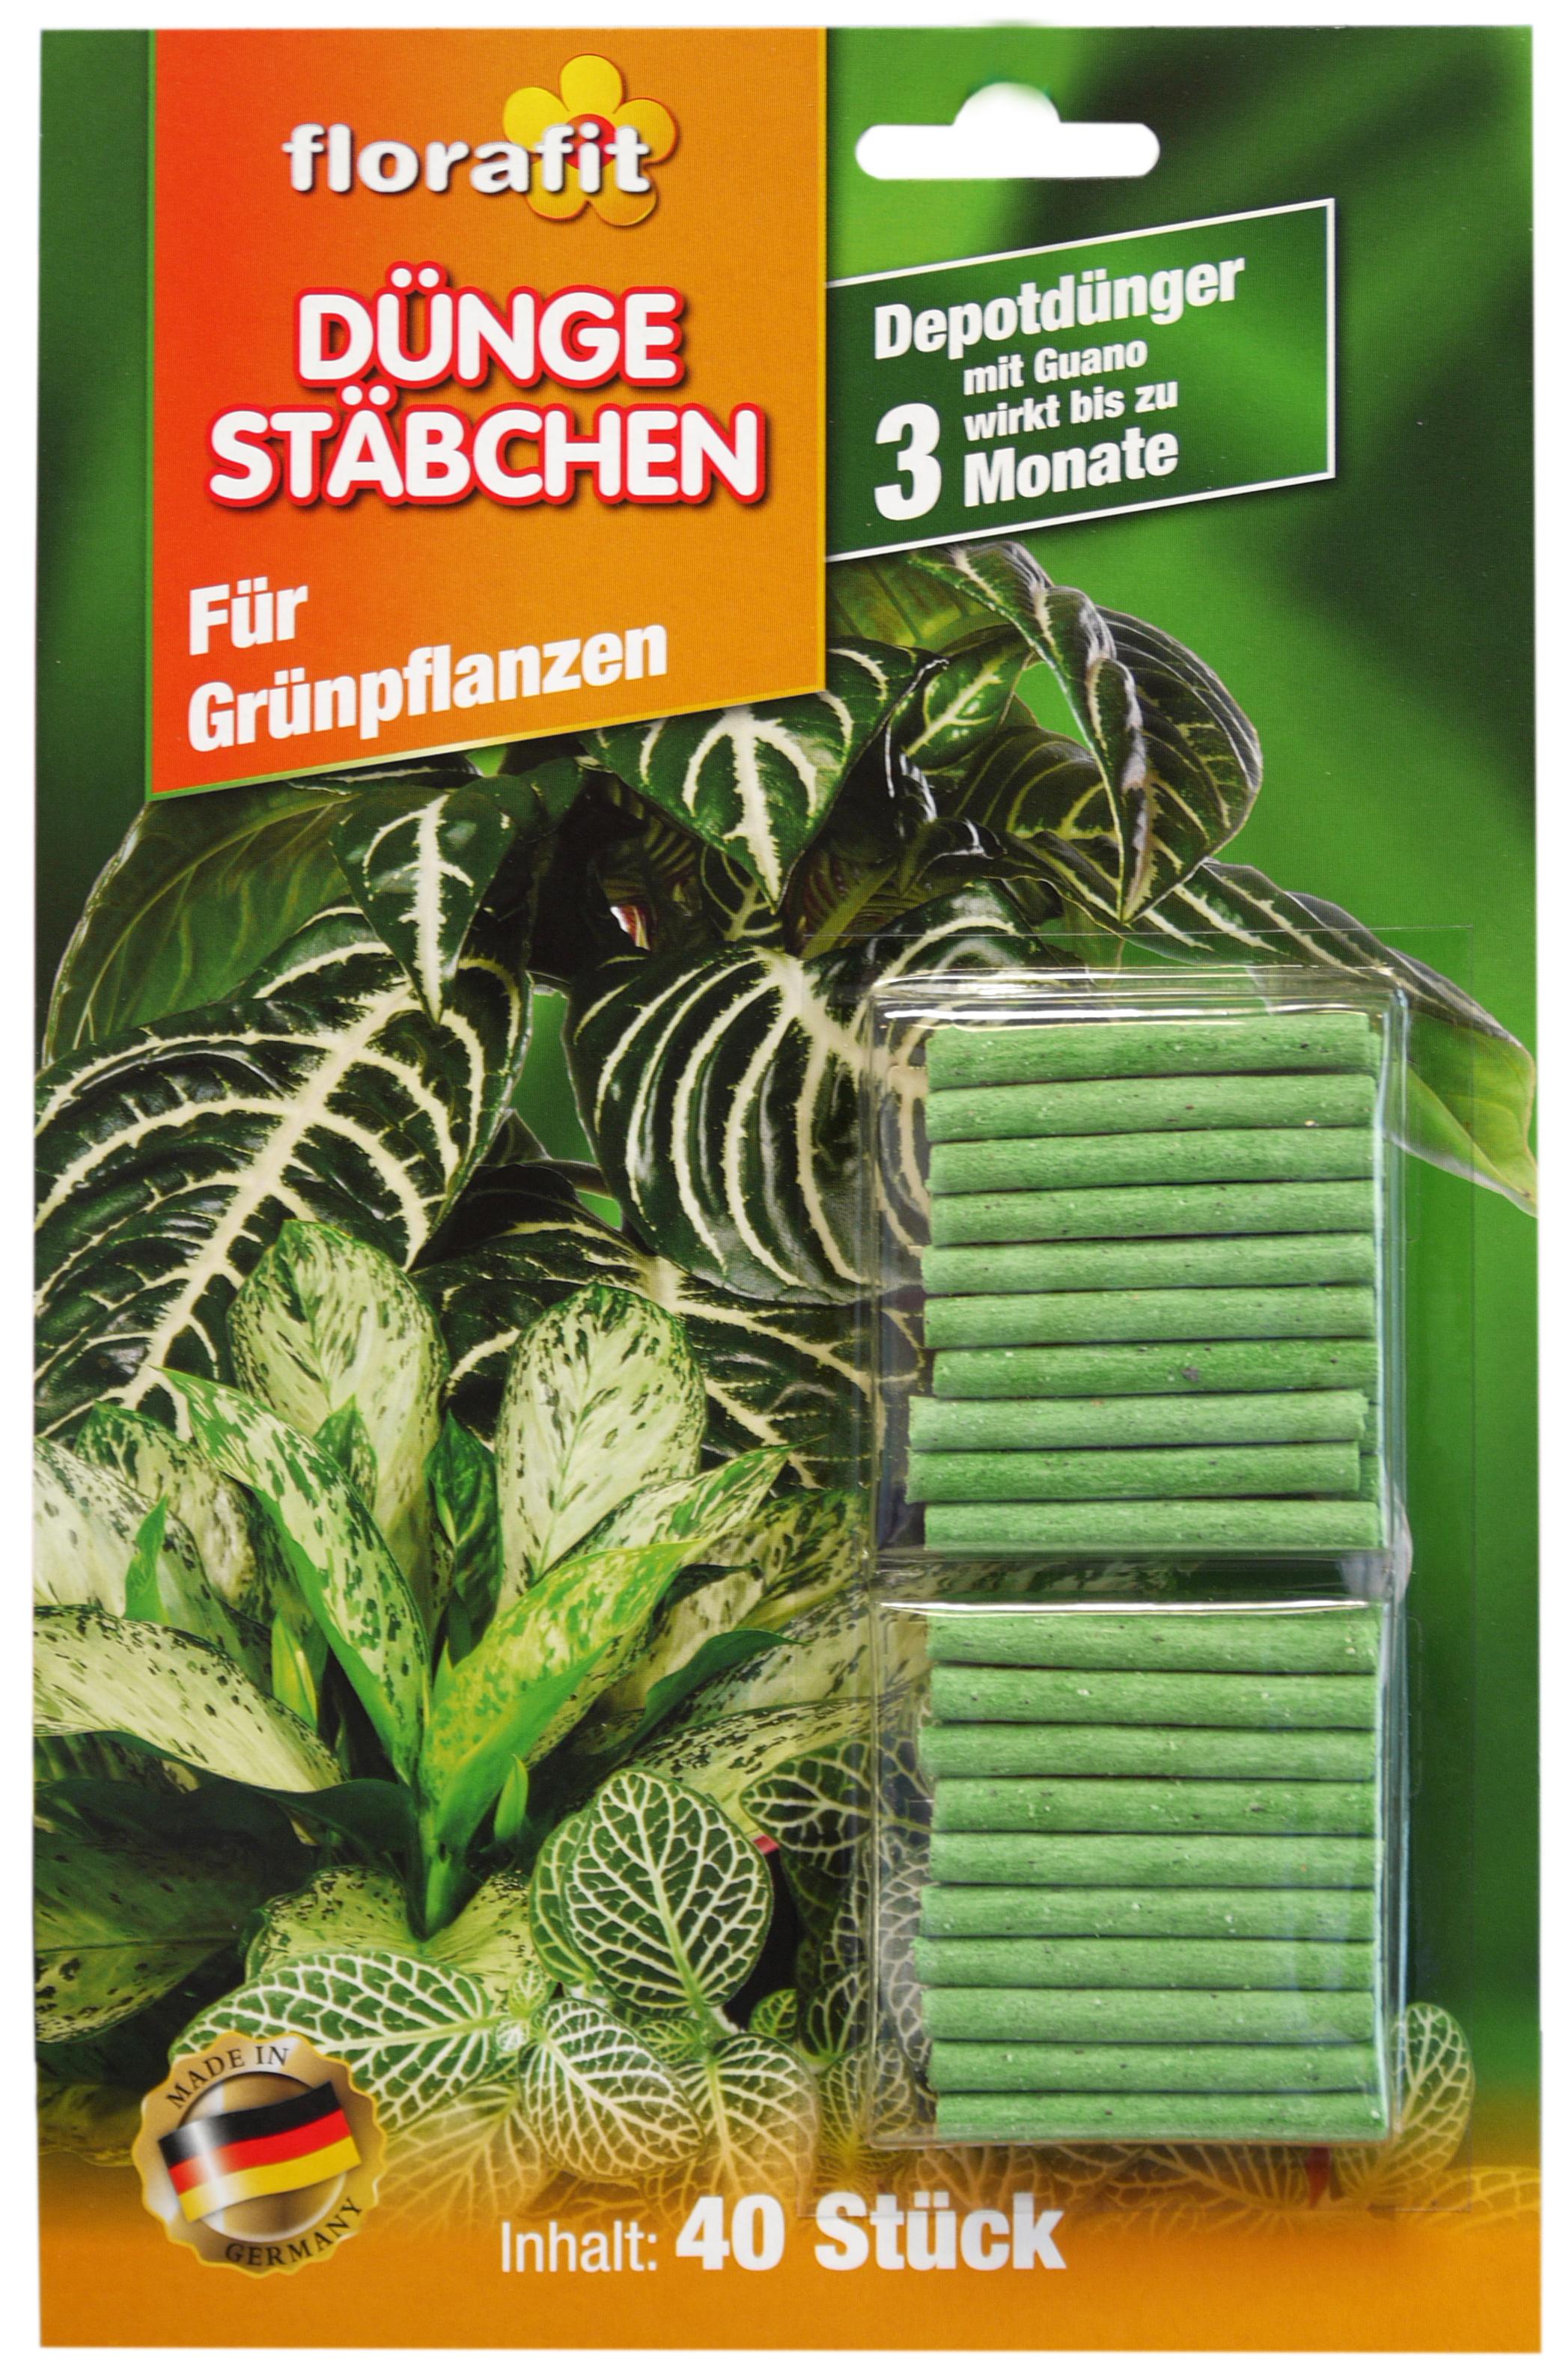 02260 - florafit Düngestäbchen 40er -für Grünpflanzen -